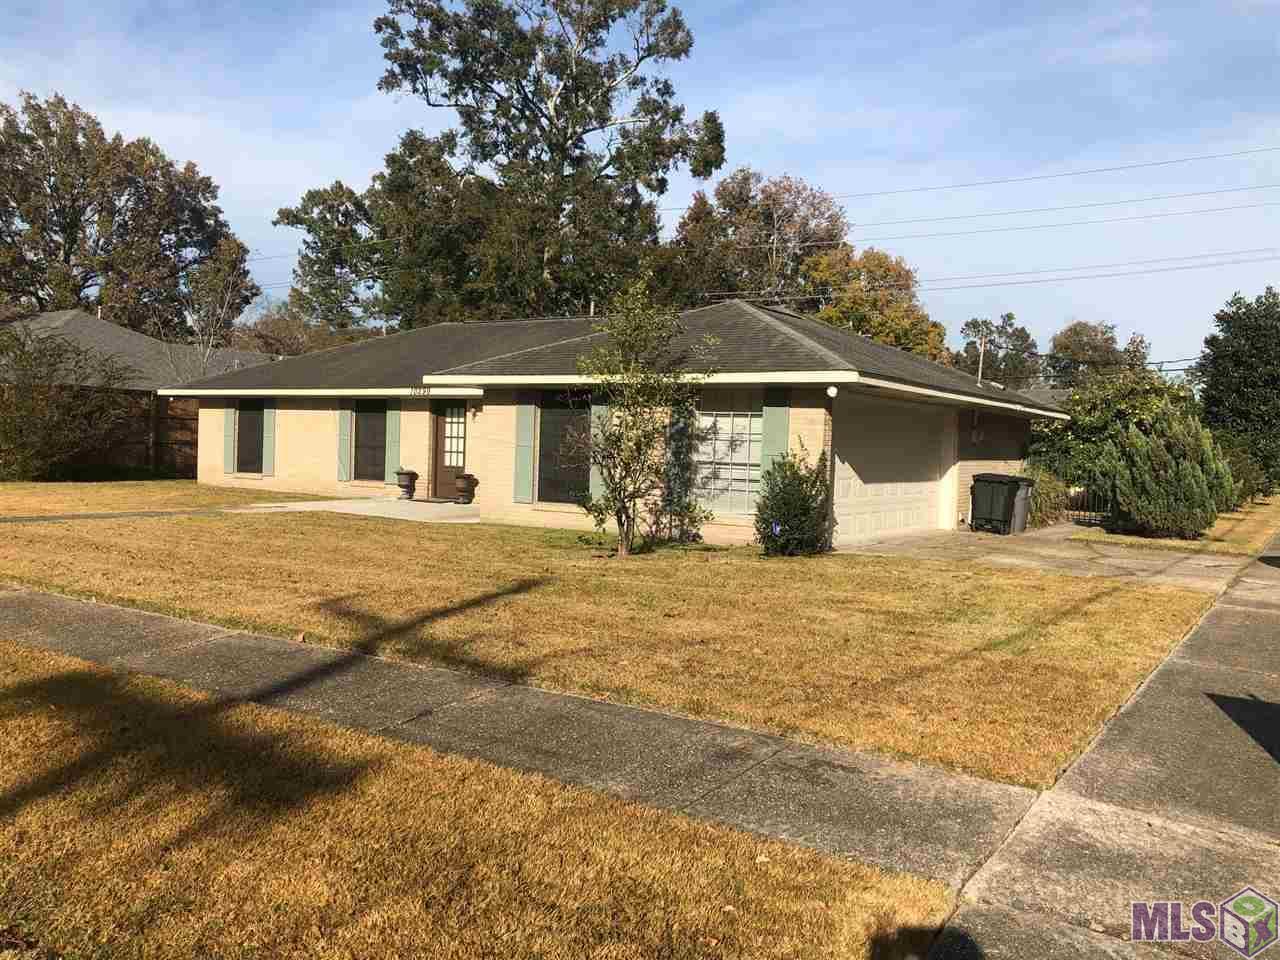 10299 RIDGELY RD, Baton Rouge, LA 70809